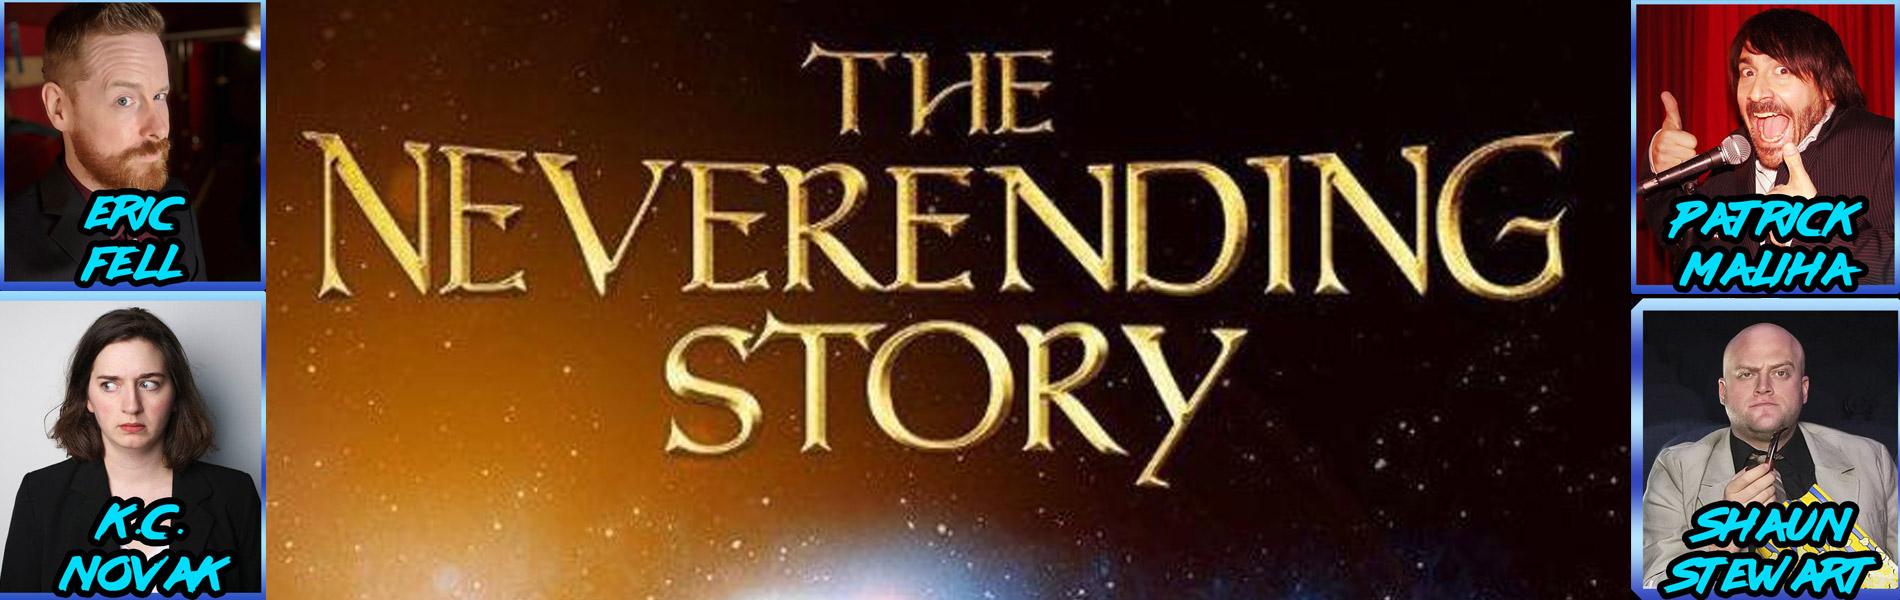 LFGYVR – Gentlemen Hecklers present The Neverending Story